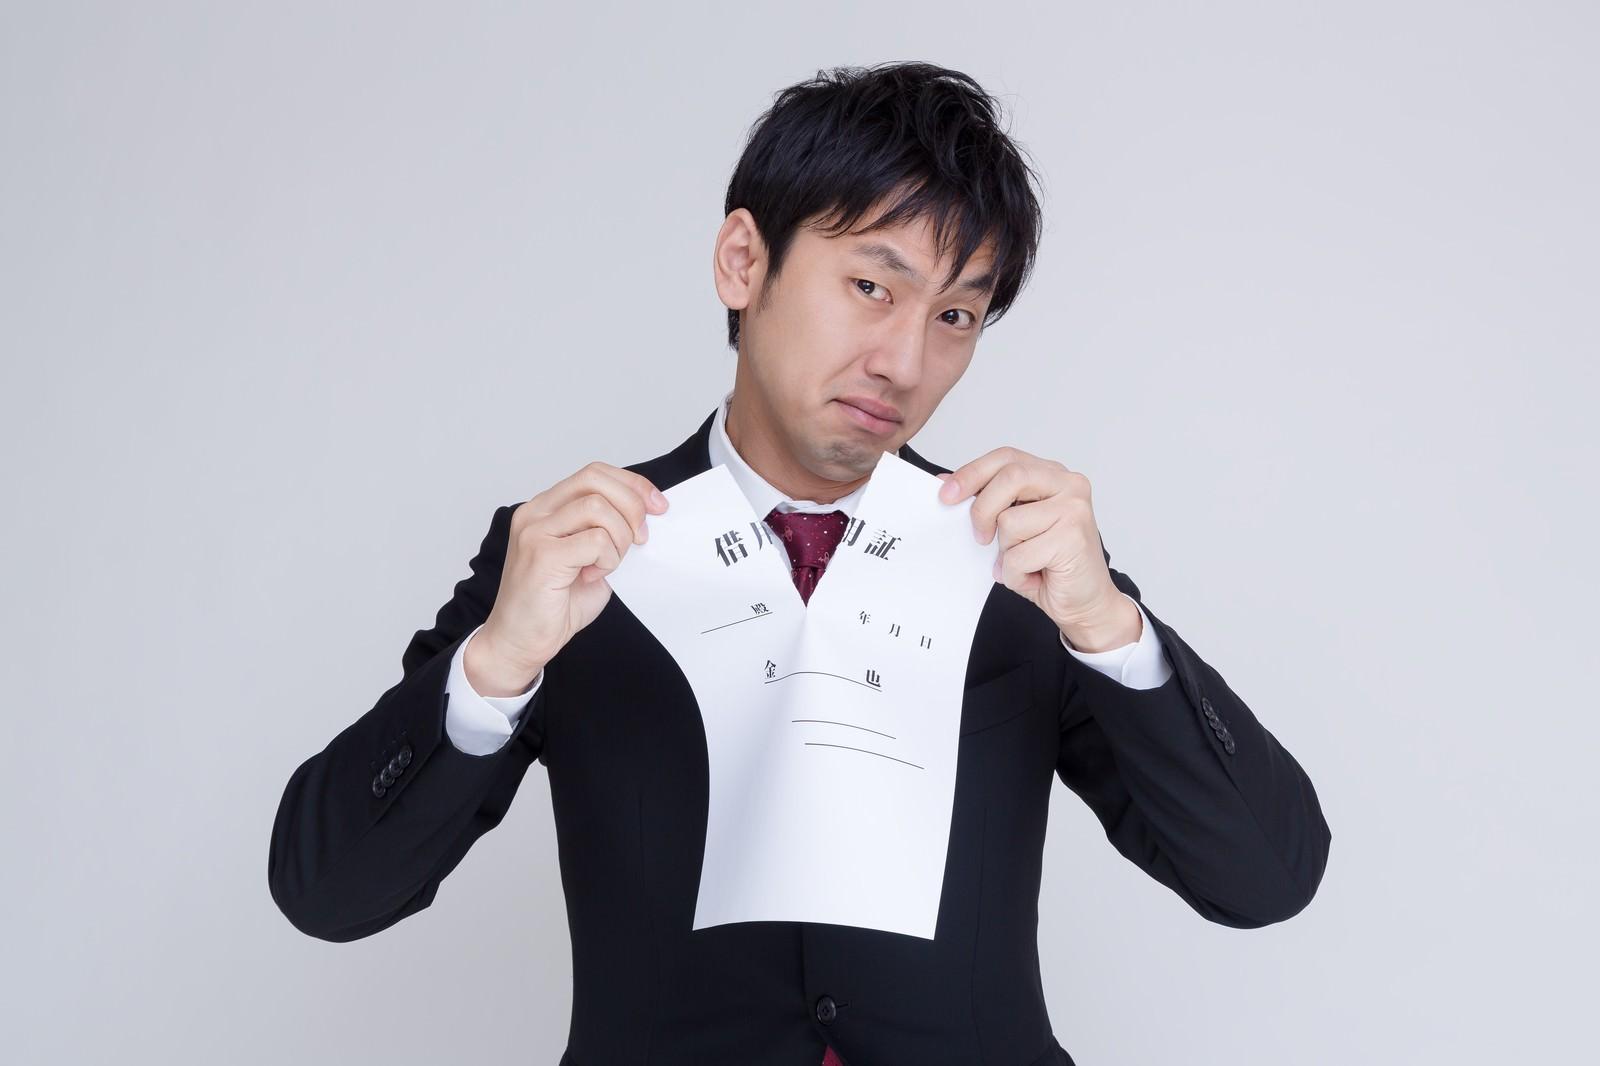 「借用証を破るサラリーマン借用証を破るサラリーマン」[モデル:大川竜弥]のフリー写真素材を拡大